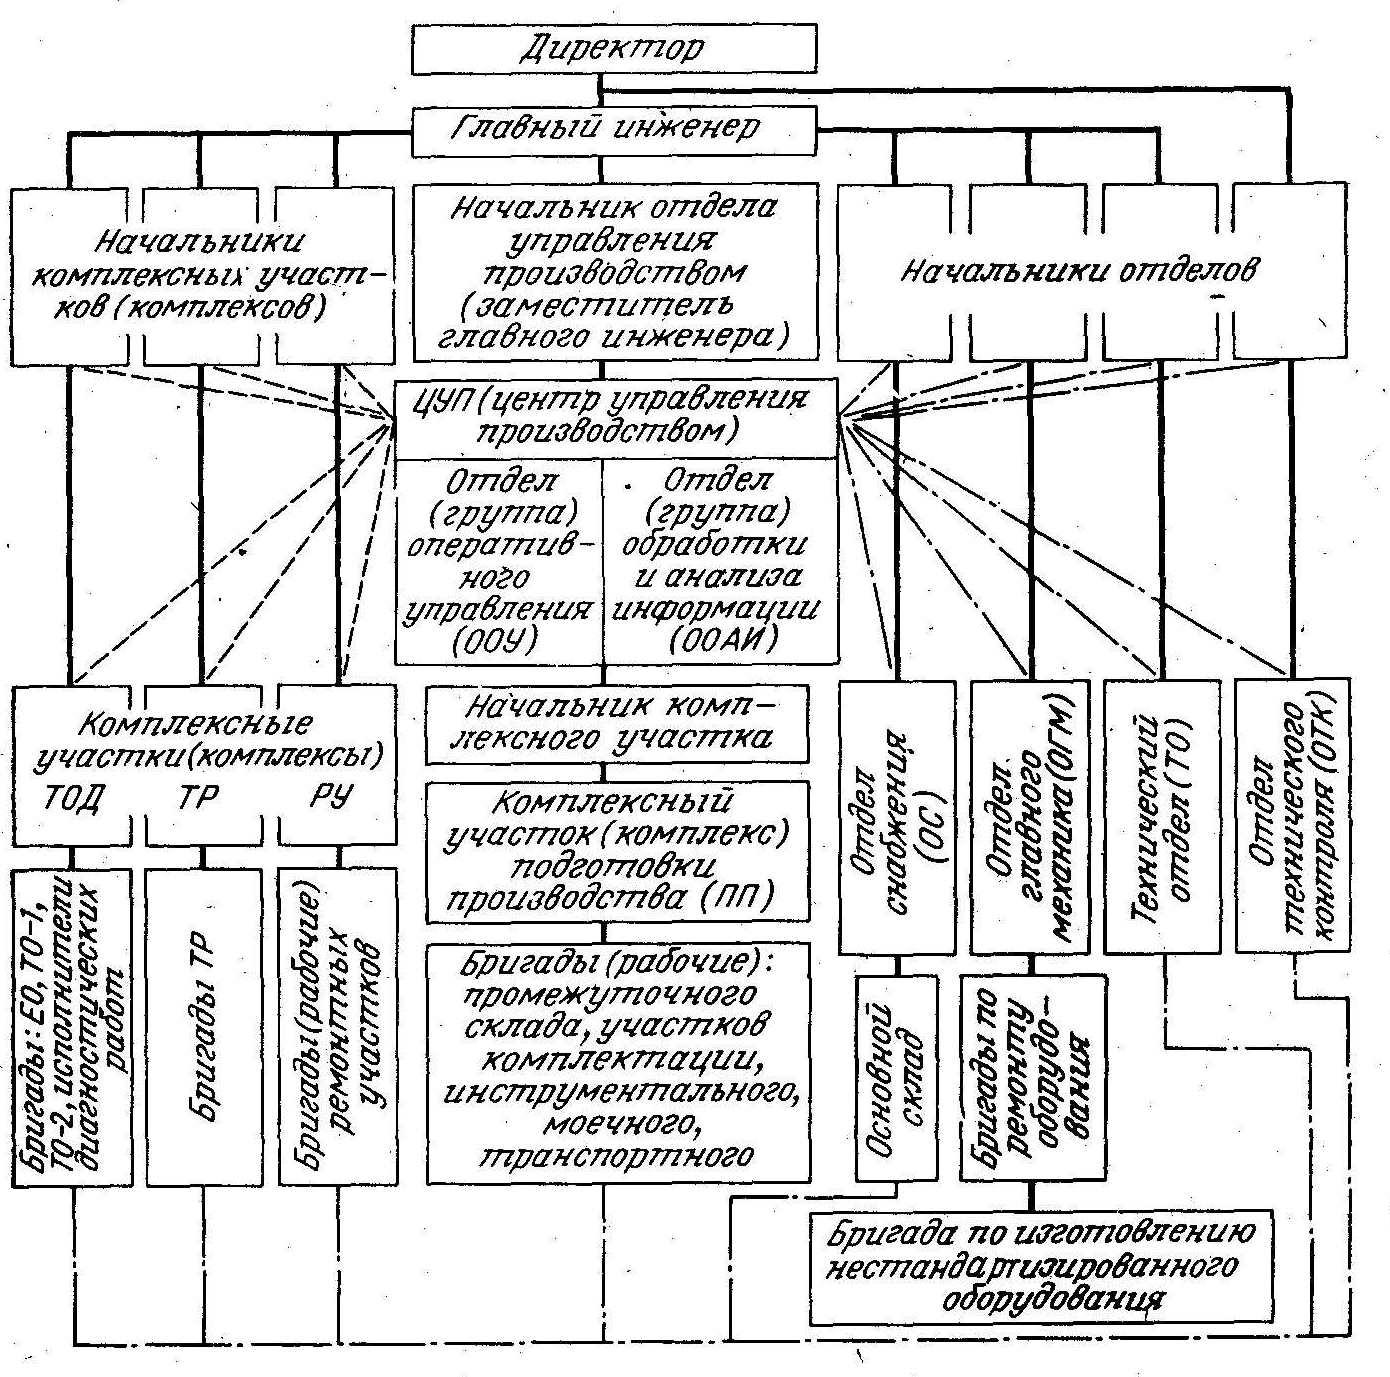 схема структуры отдела маркетинга на предприятии